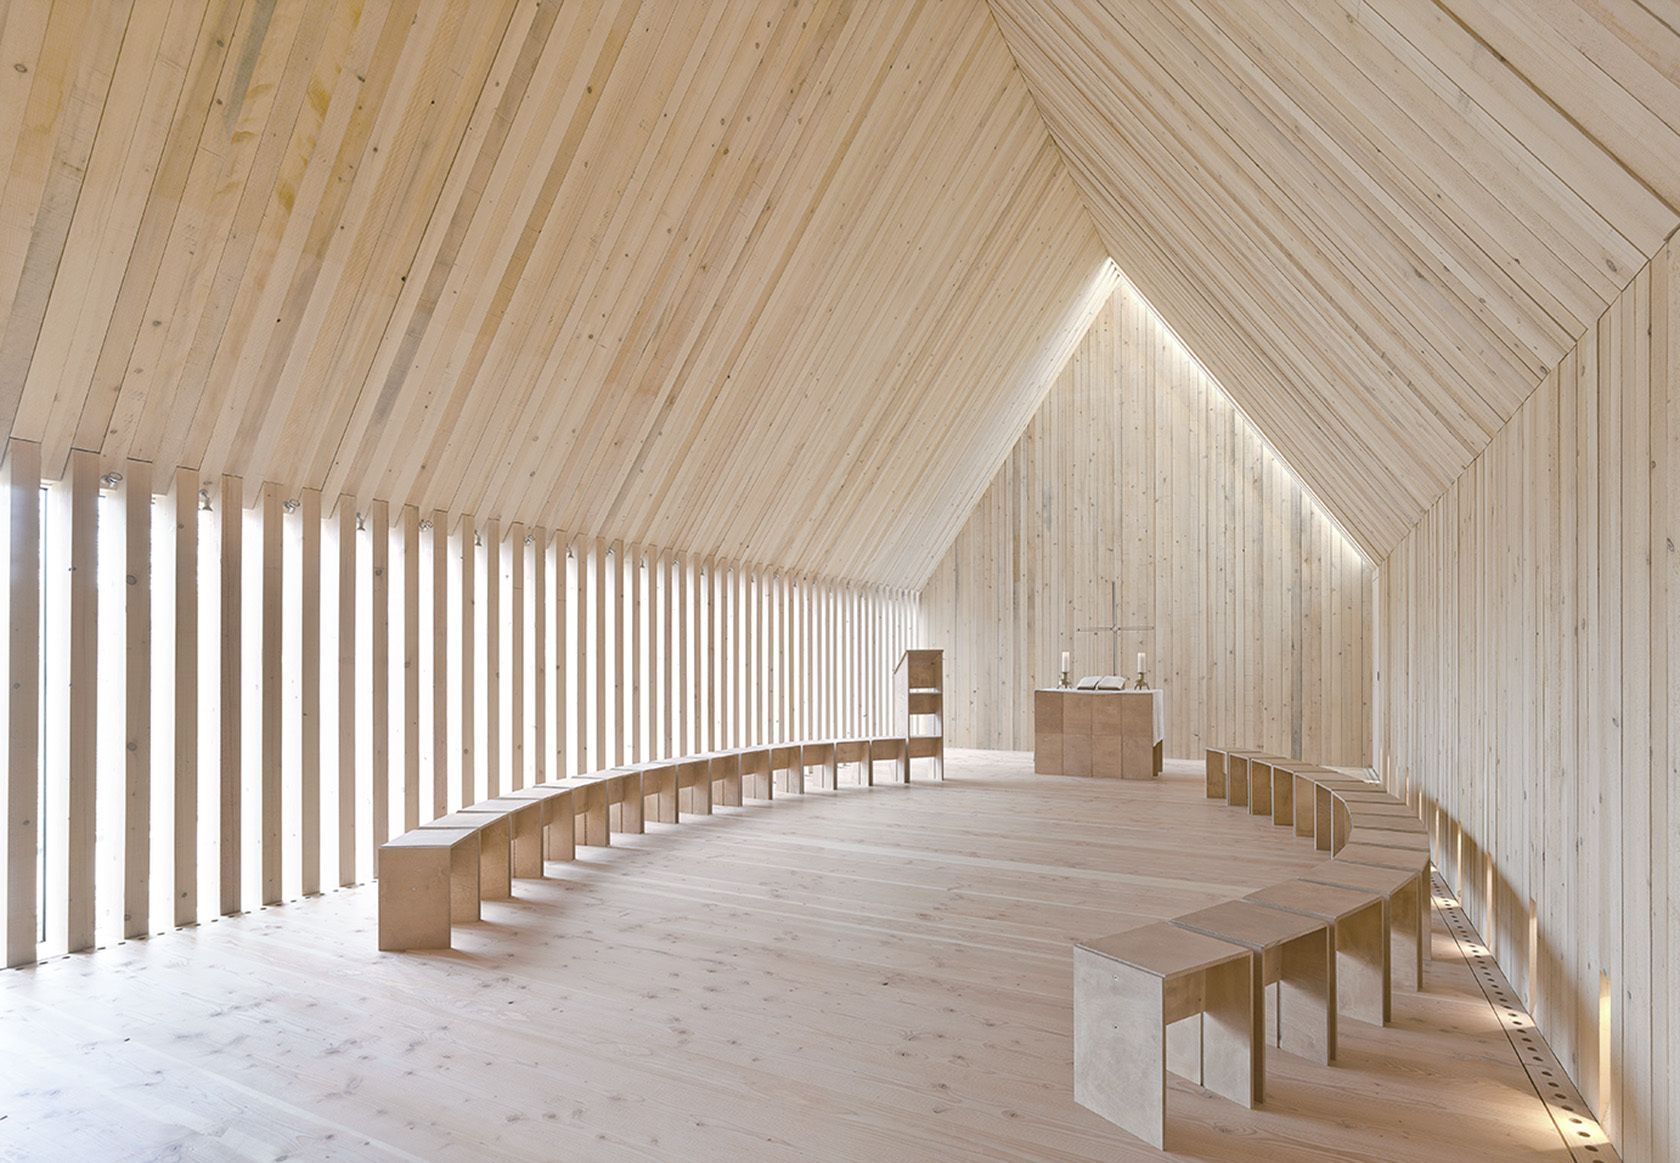 Architekten Heidelberg theater waldkapelle und friedenskirche häring auszeichnungen des